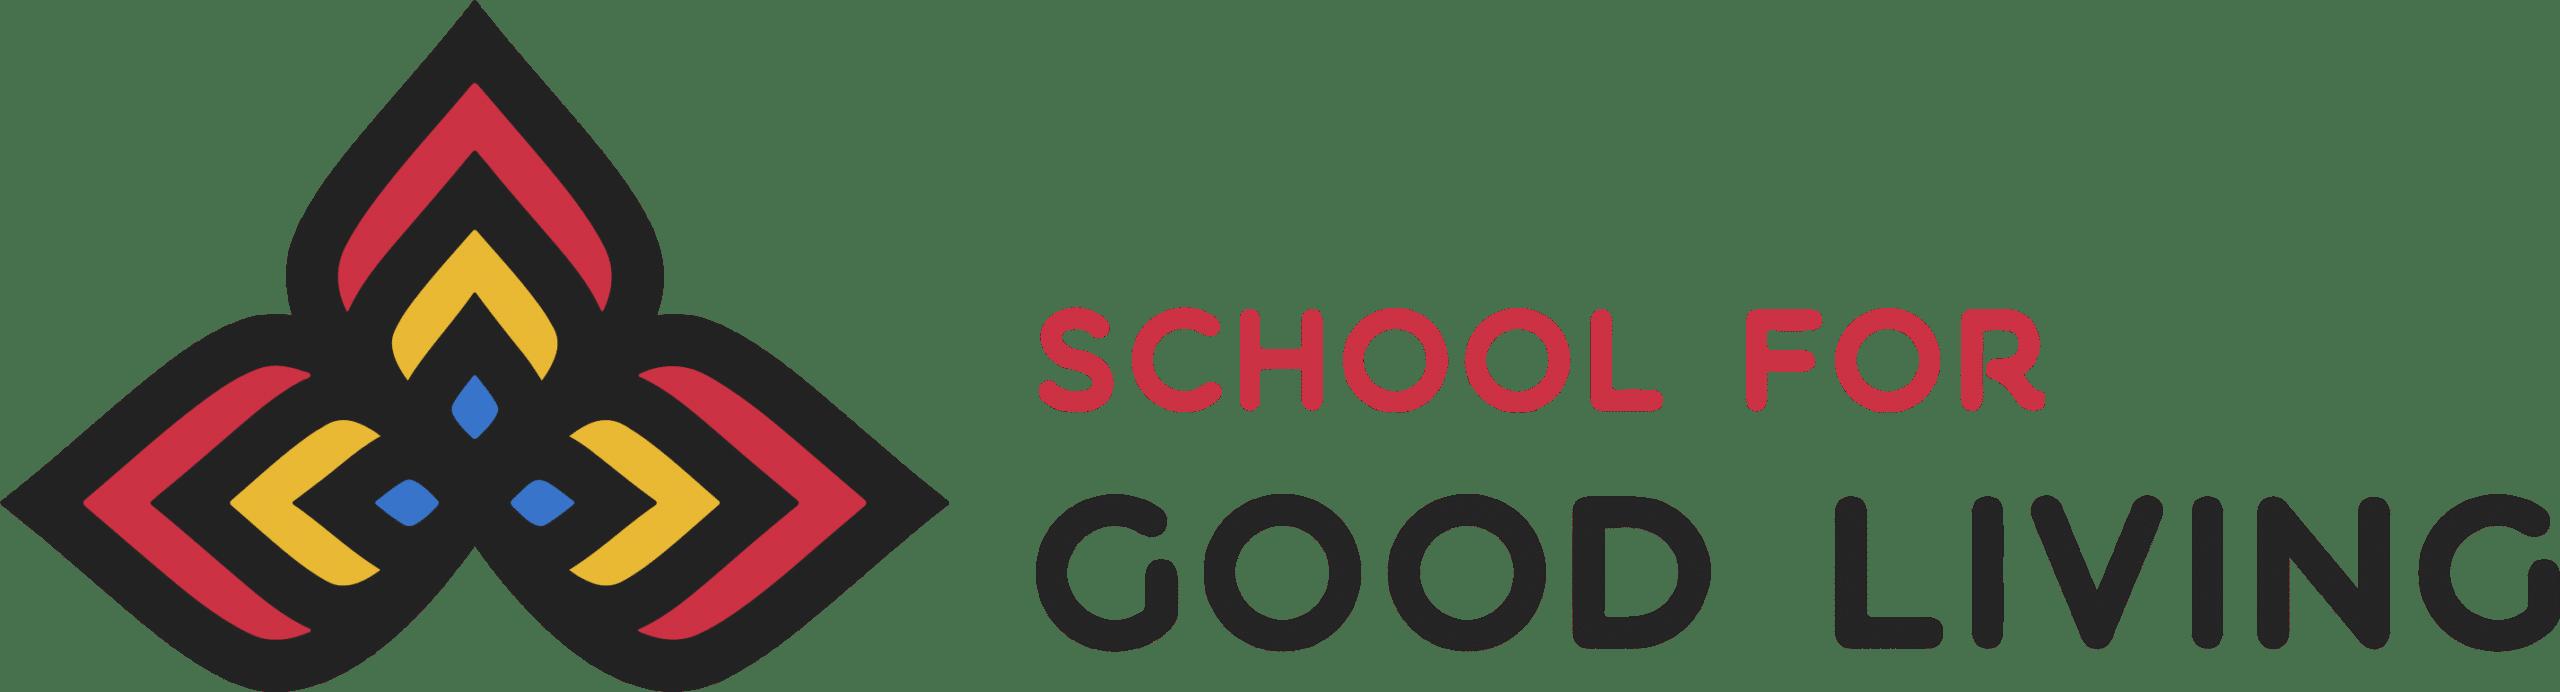 School for Good Living